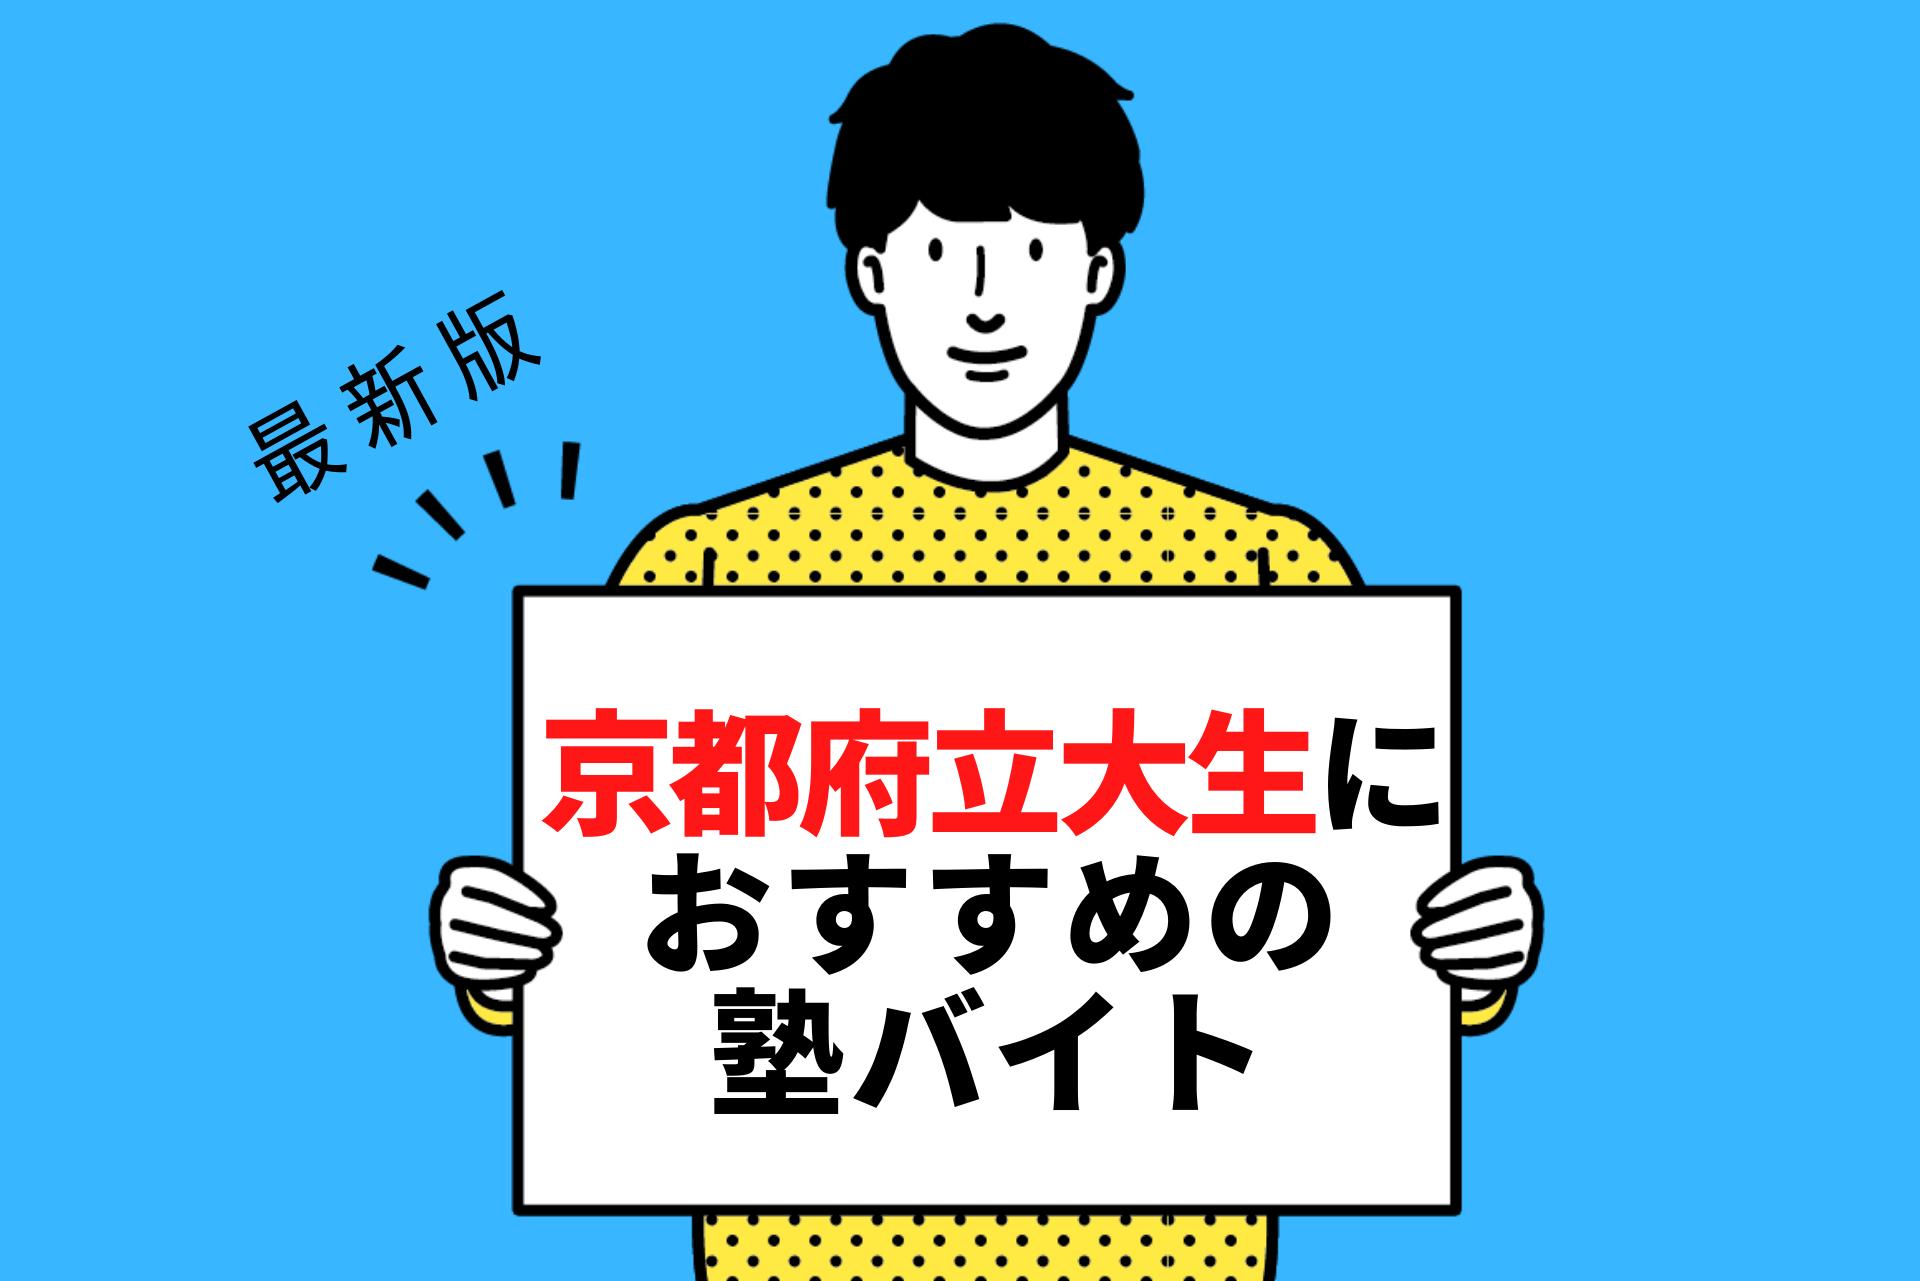 京都府立大学の学生さんにおすすめの塾